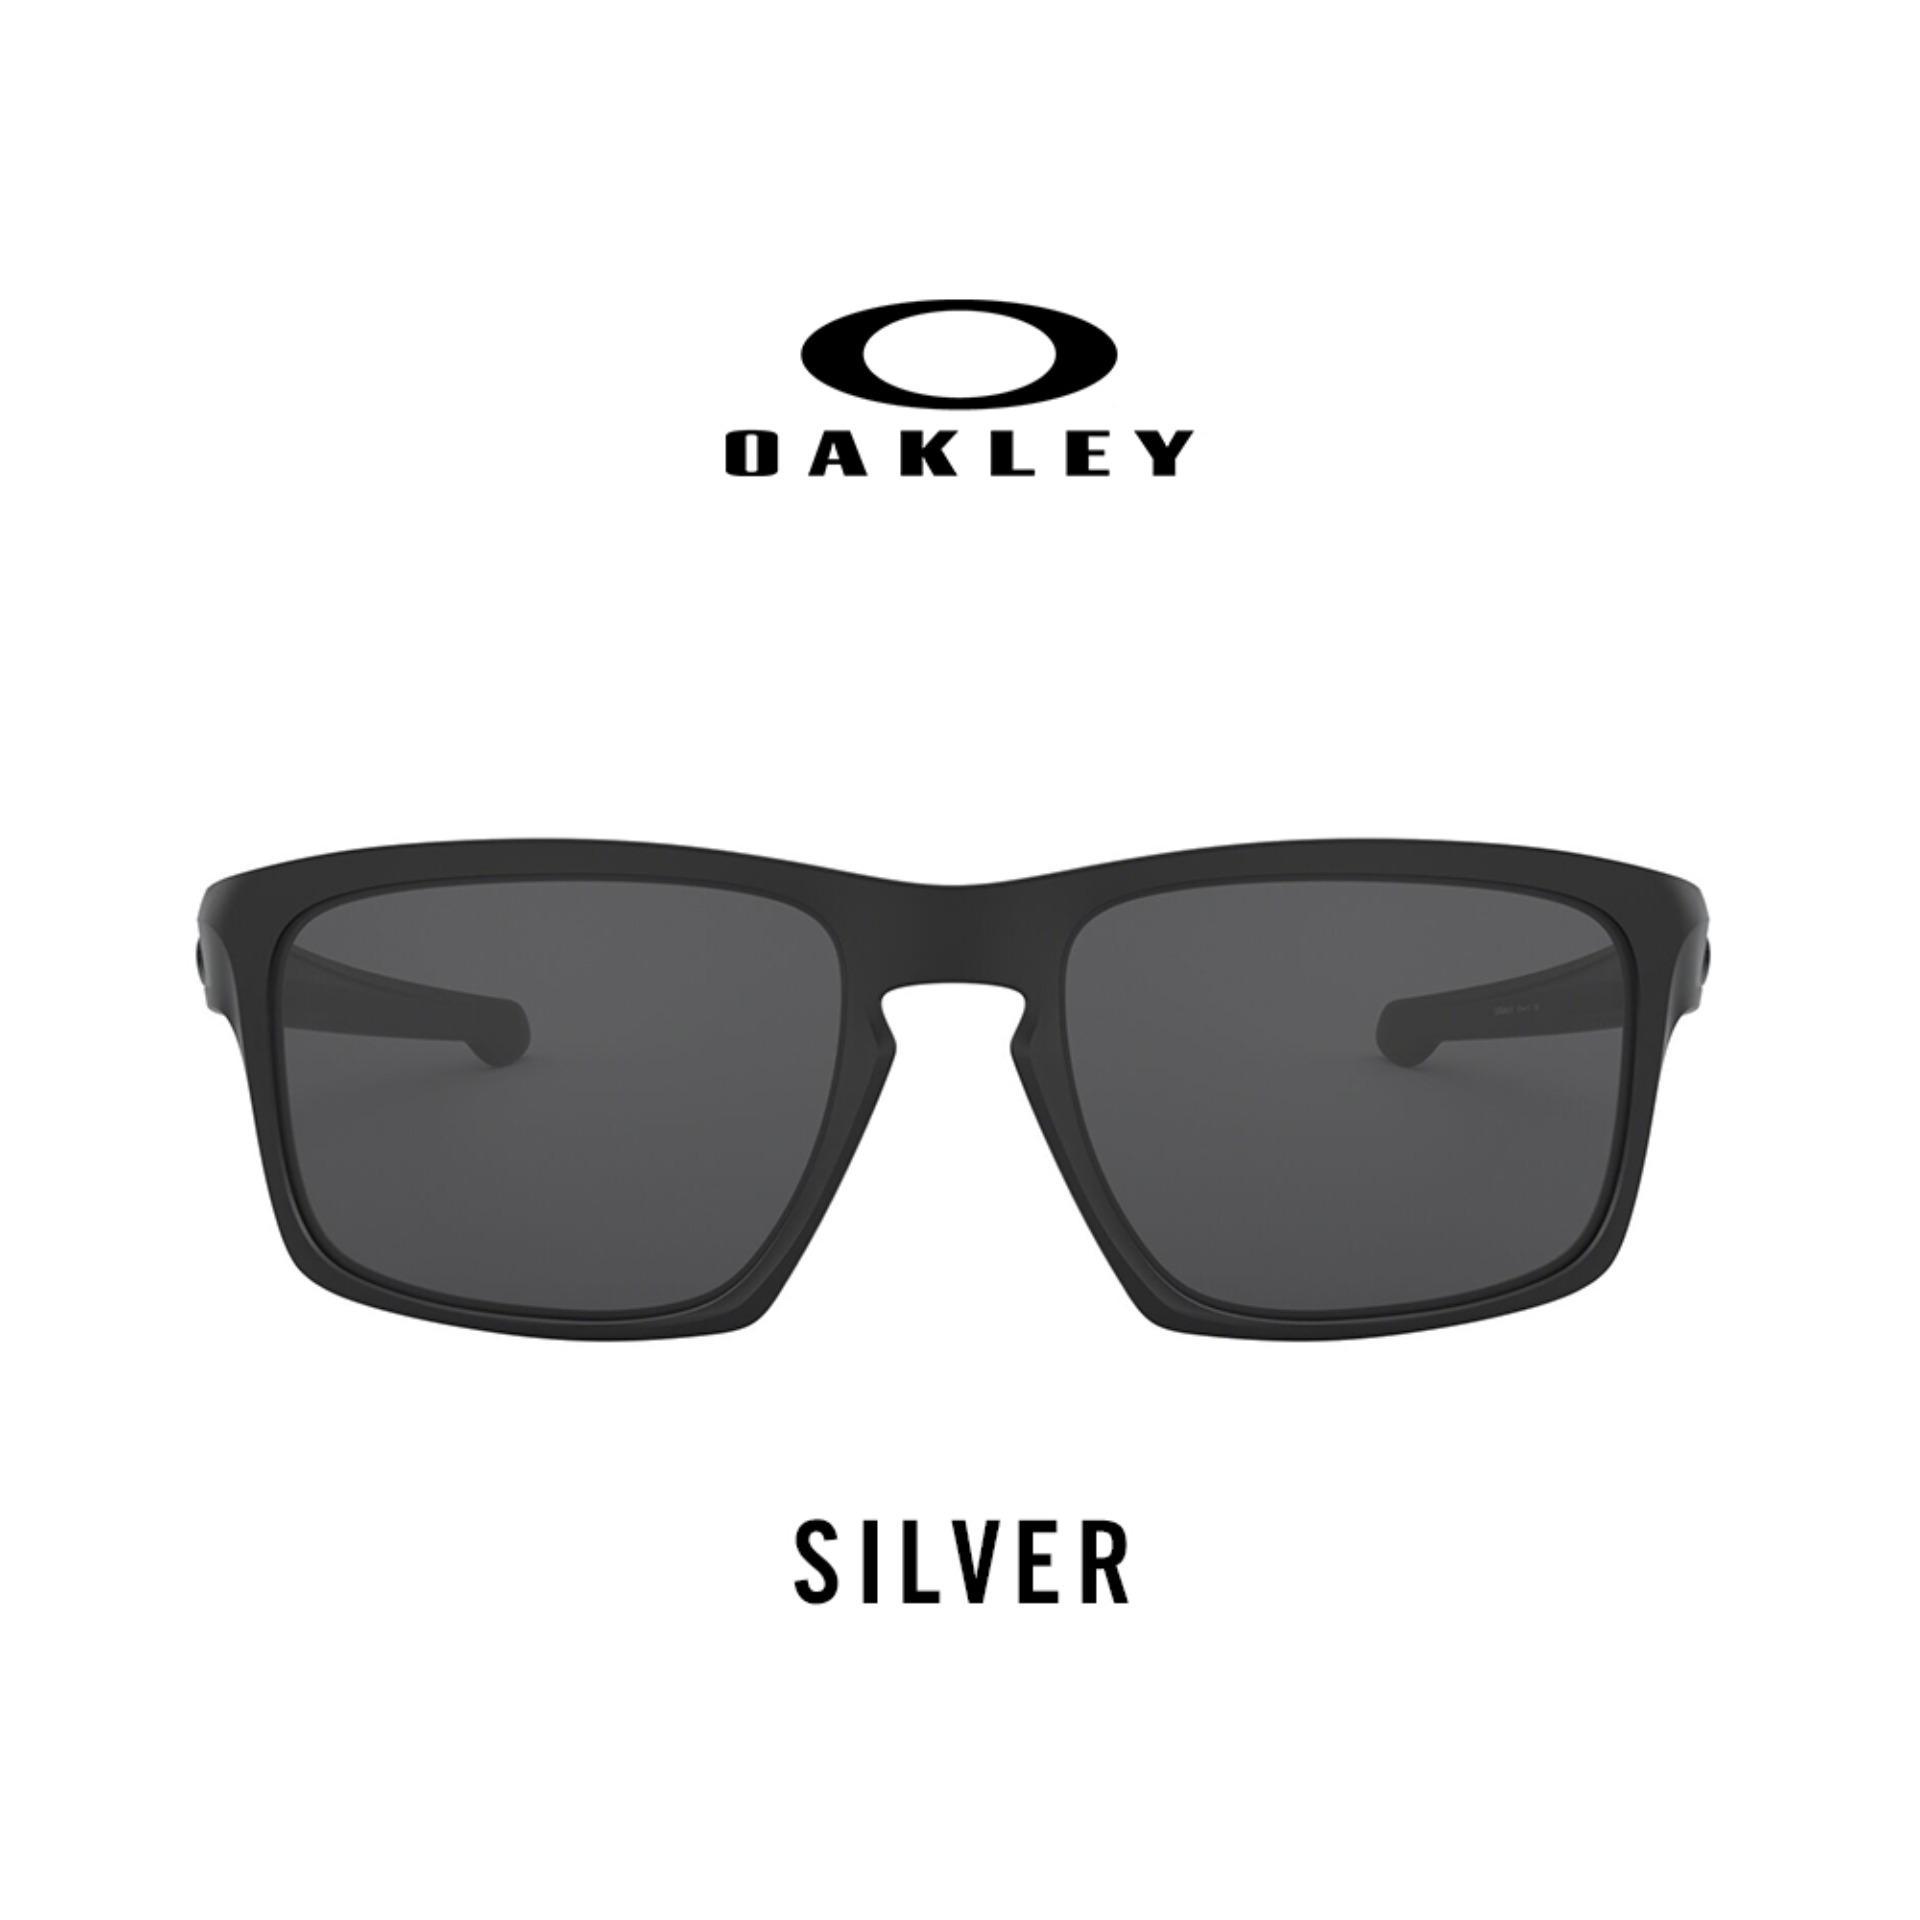 60295a3e90 Oakley Philippines - Oakley Sunglasses For Men for sale - prices ...